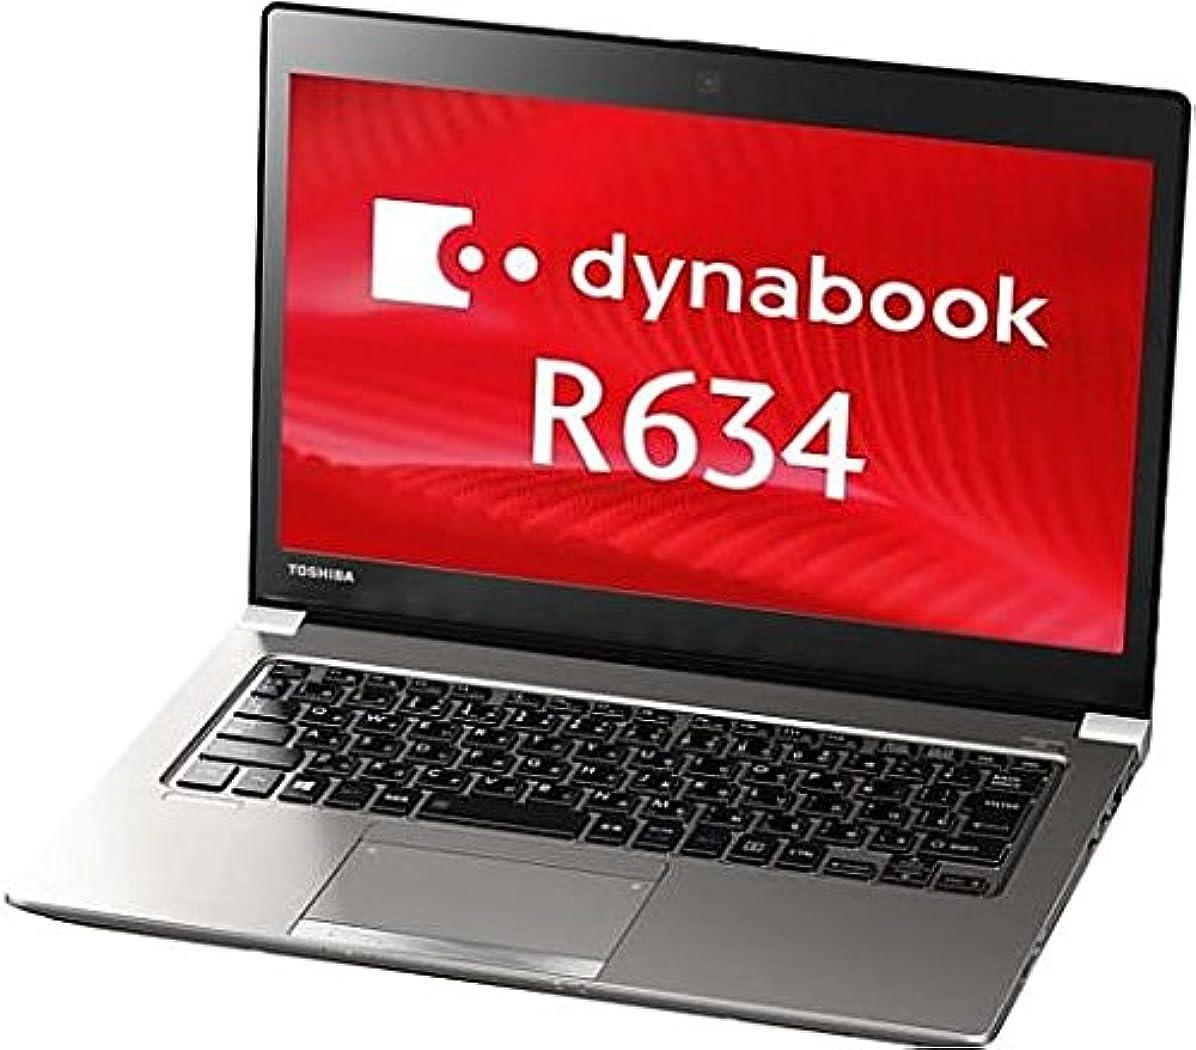 ご意見断片城【中古】 ダイナブック dynabook R634/L PR634LAA637AD71 / Core i5 4300U(1.9GHz) / SSD:128GB / 13.3インチ / シルバー